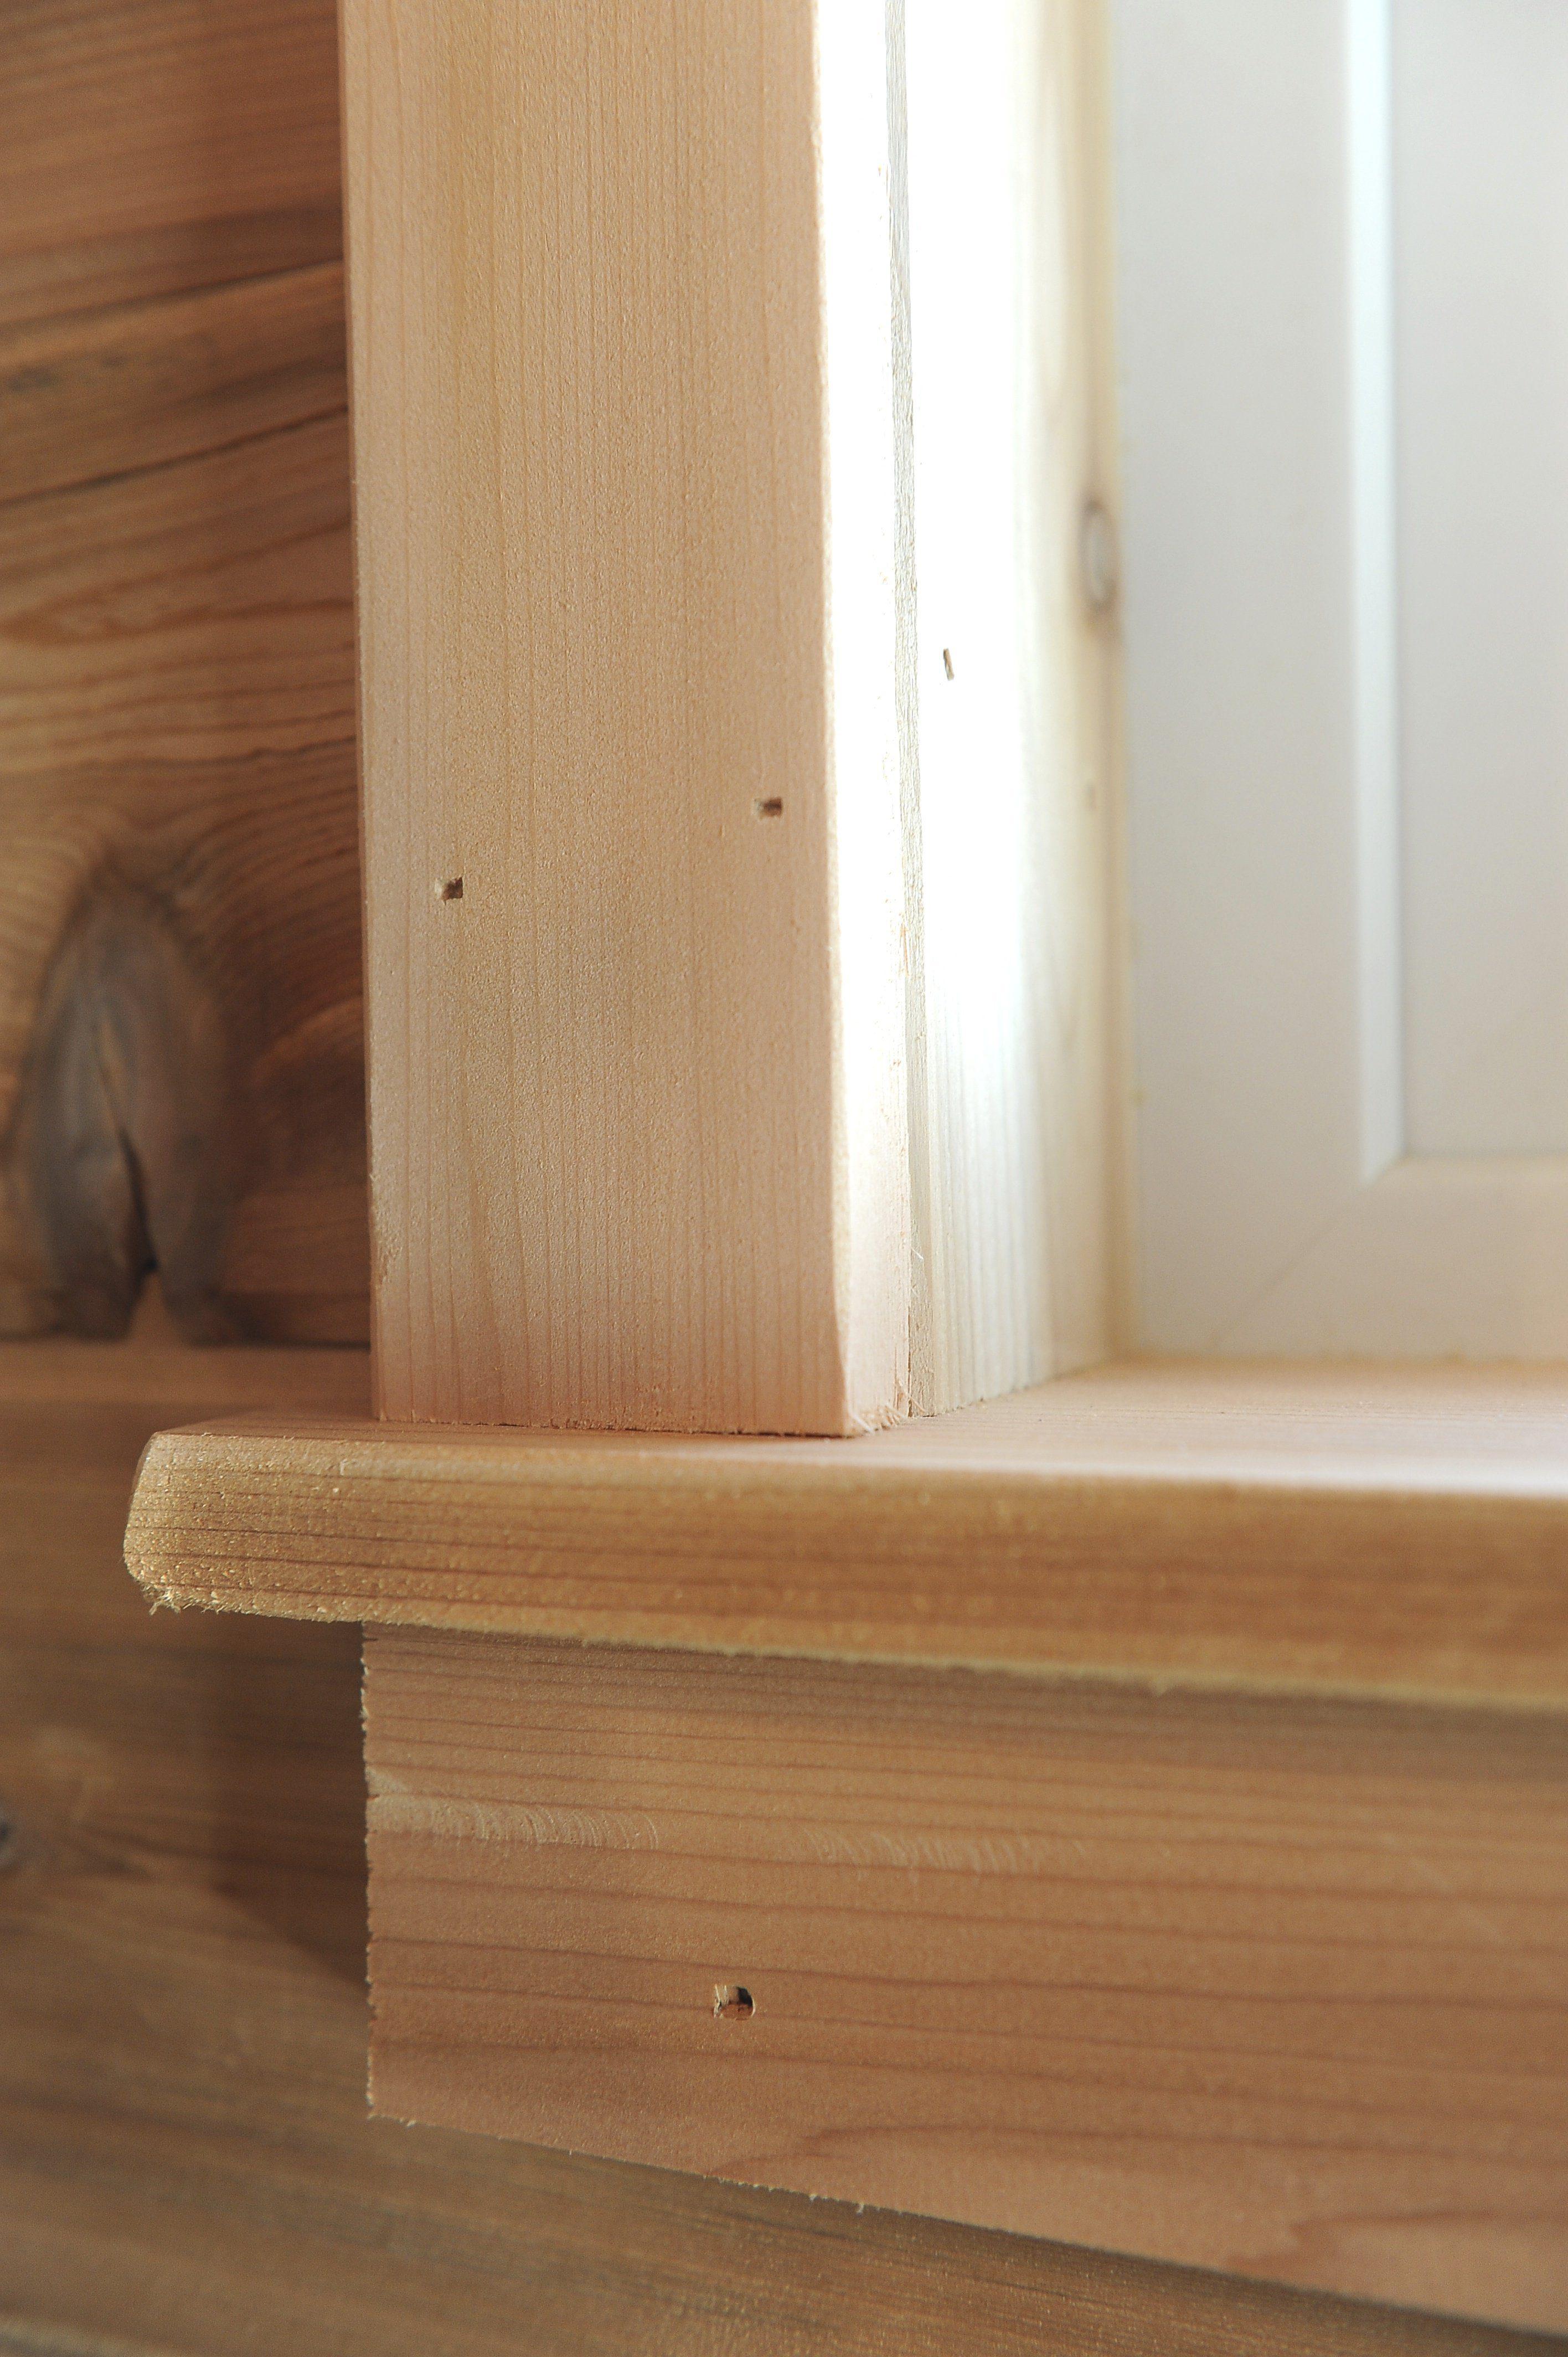 Trim around the sauna windows